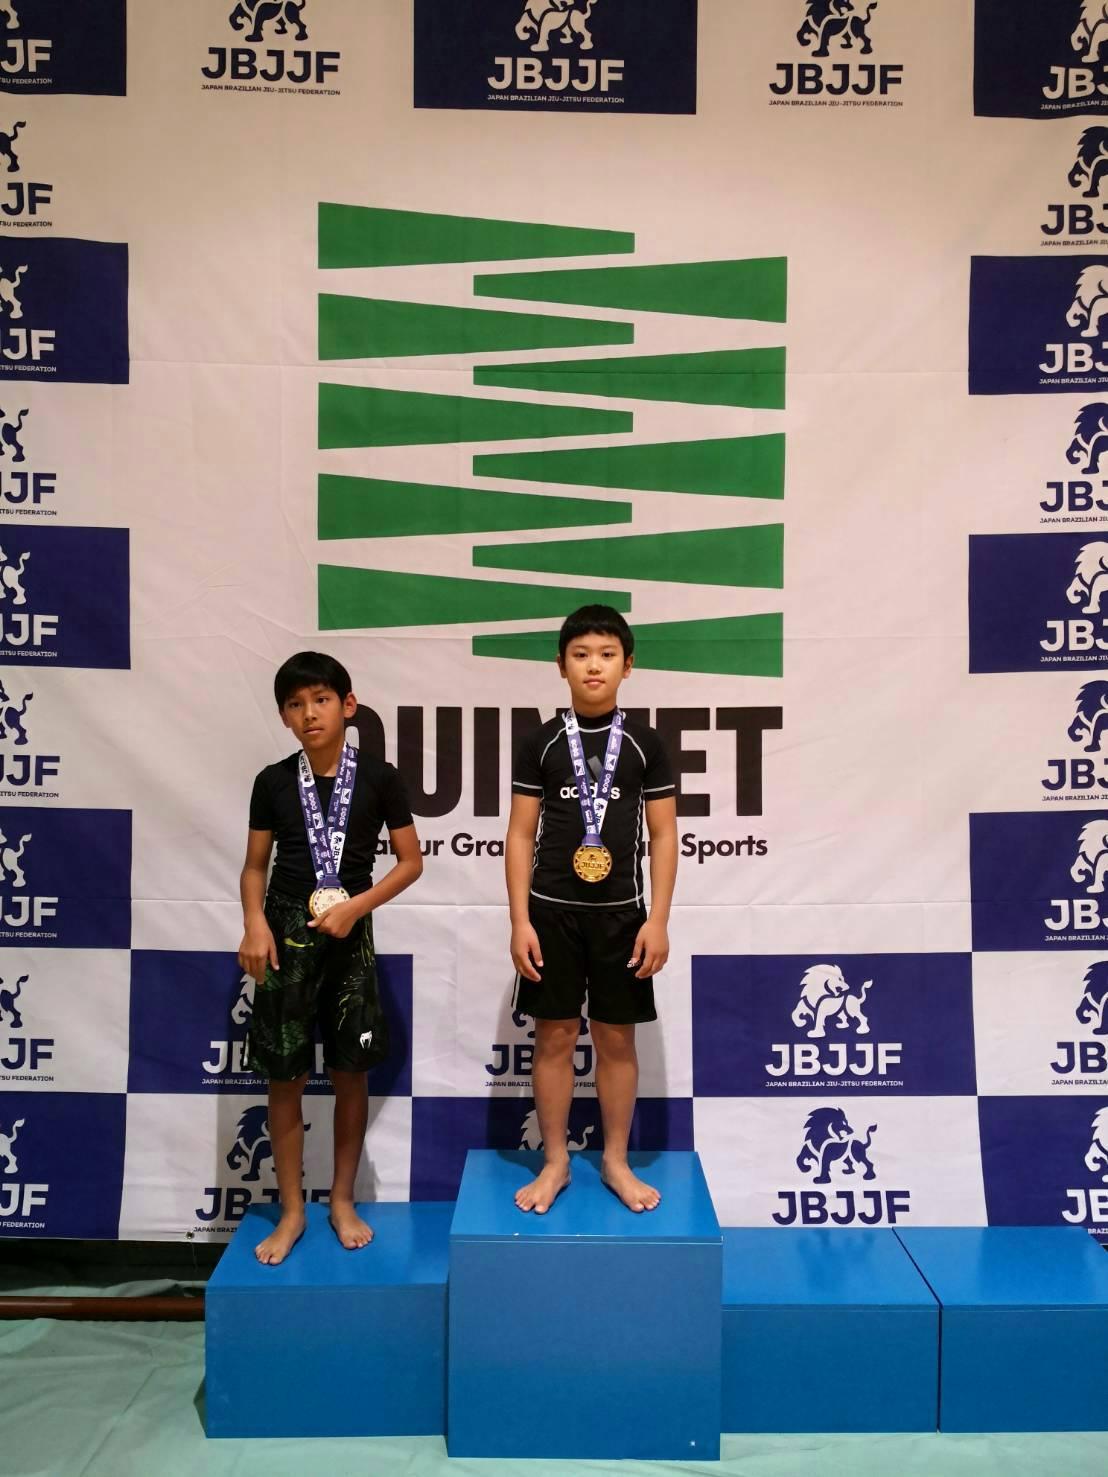 東日本キッズノーギオープントーナメント|大会写真